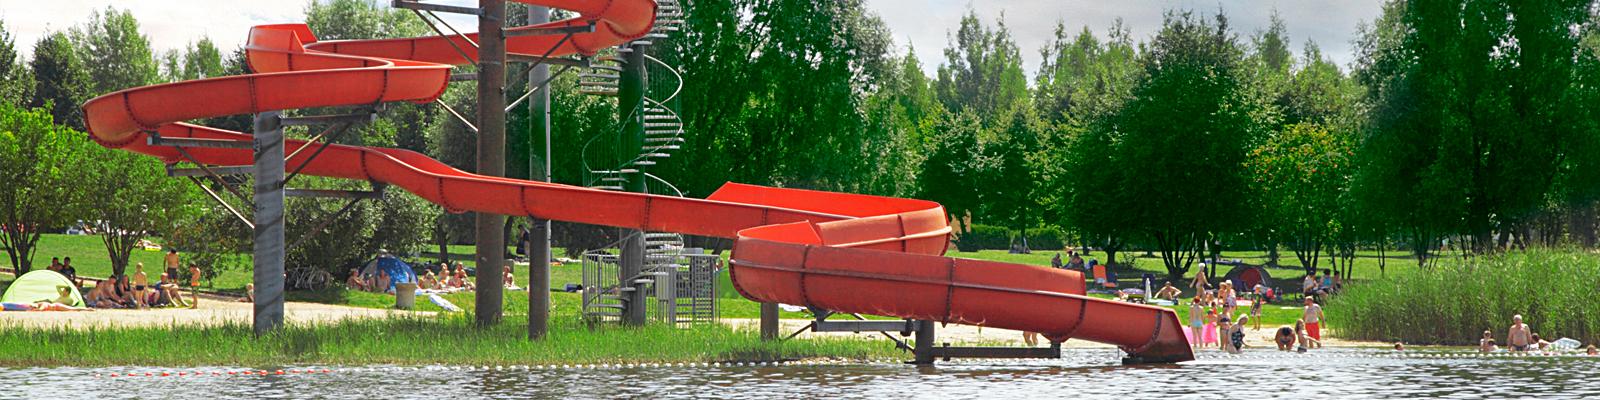 Erholungspark Mondsee Aktiv im Wasser Rutsche